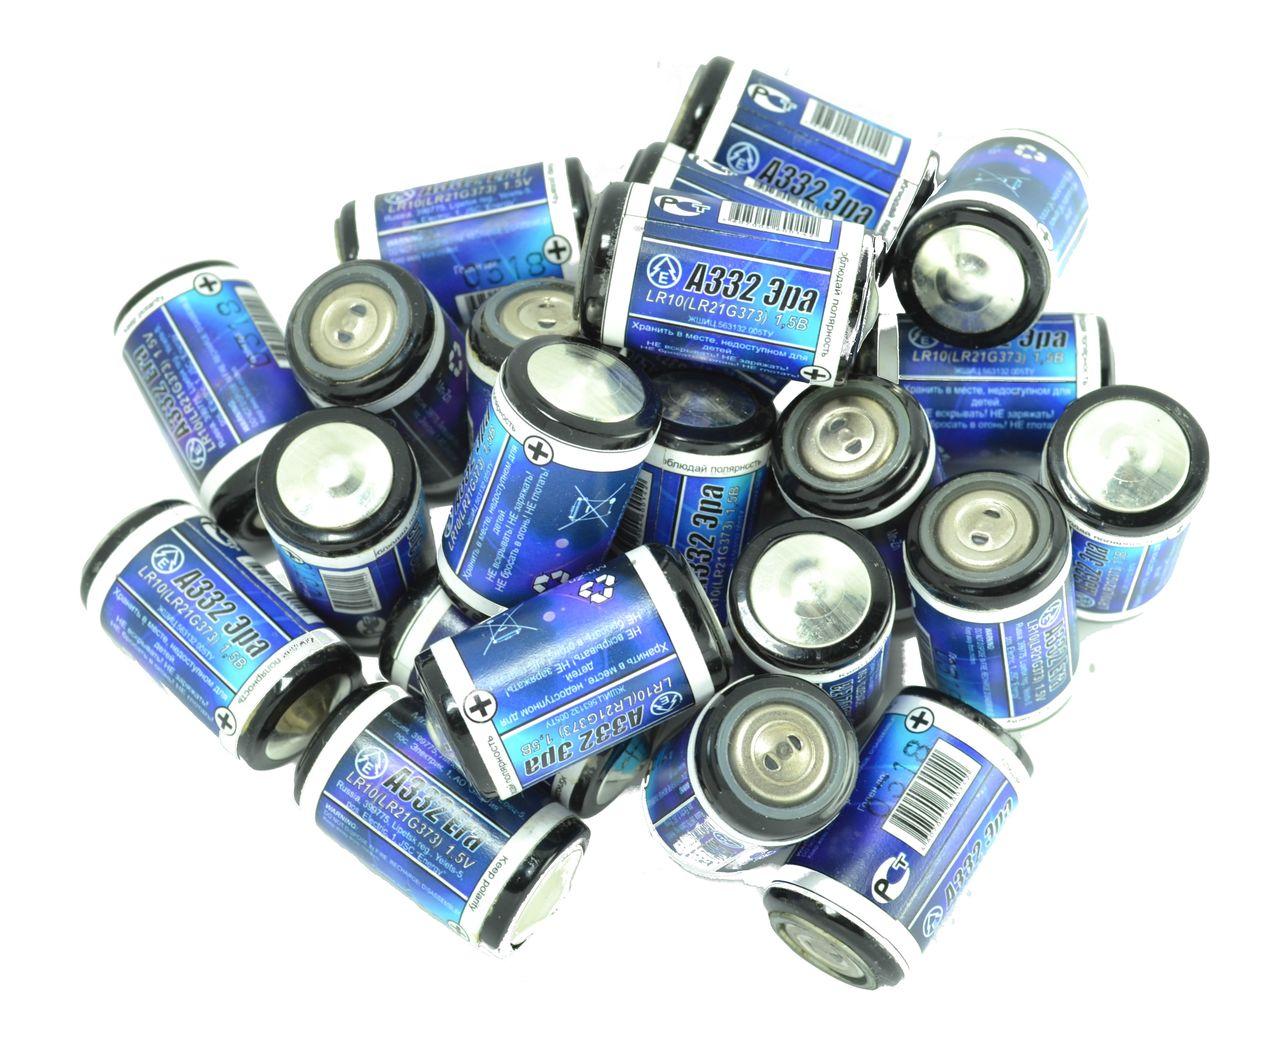 Батарейка с форм-фактором LR10 - источник питания с увеличенной емкостью